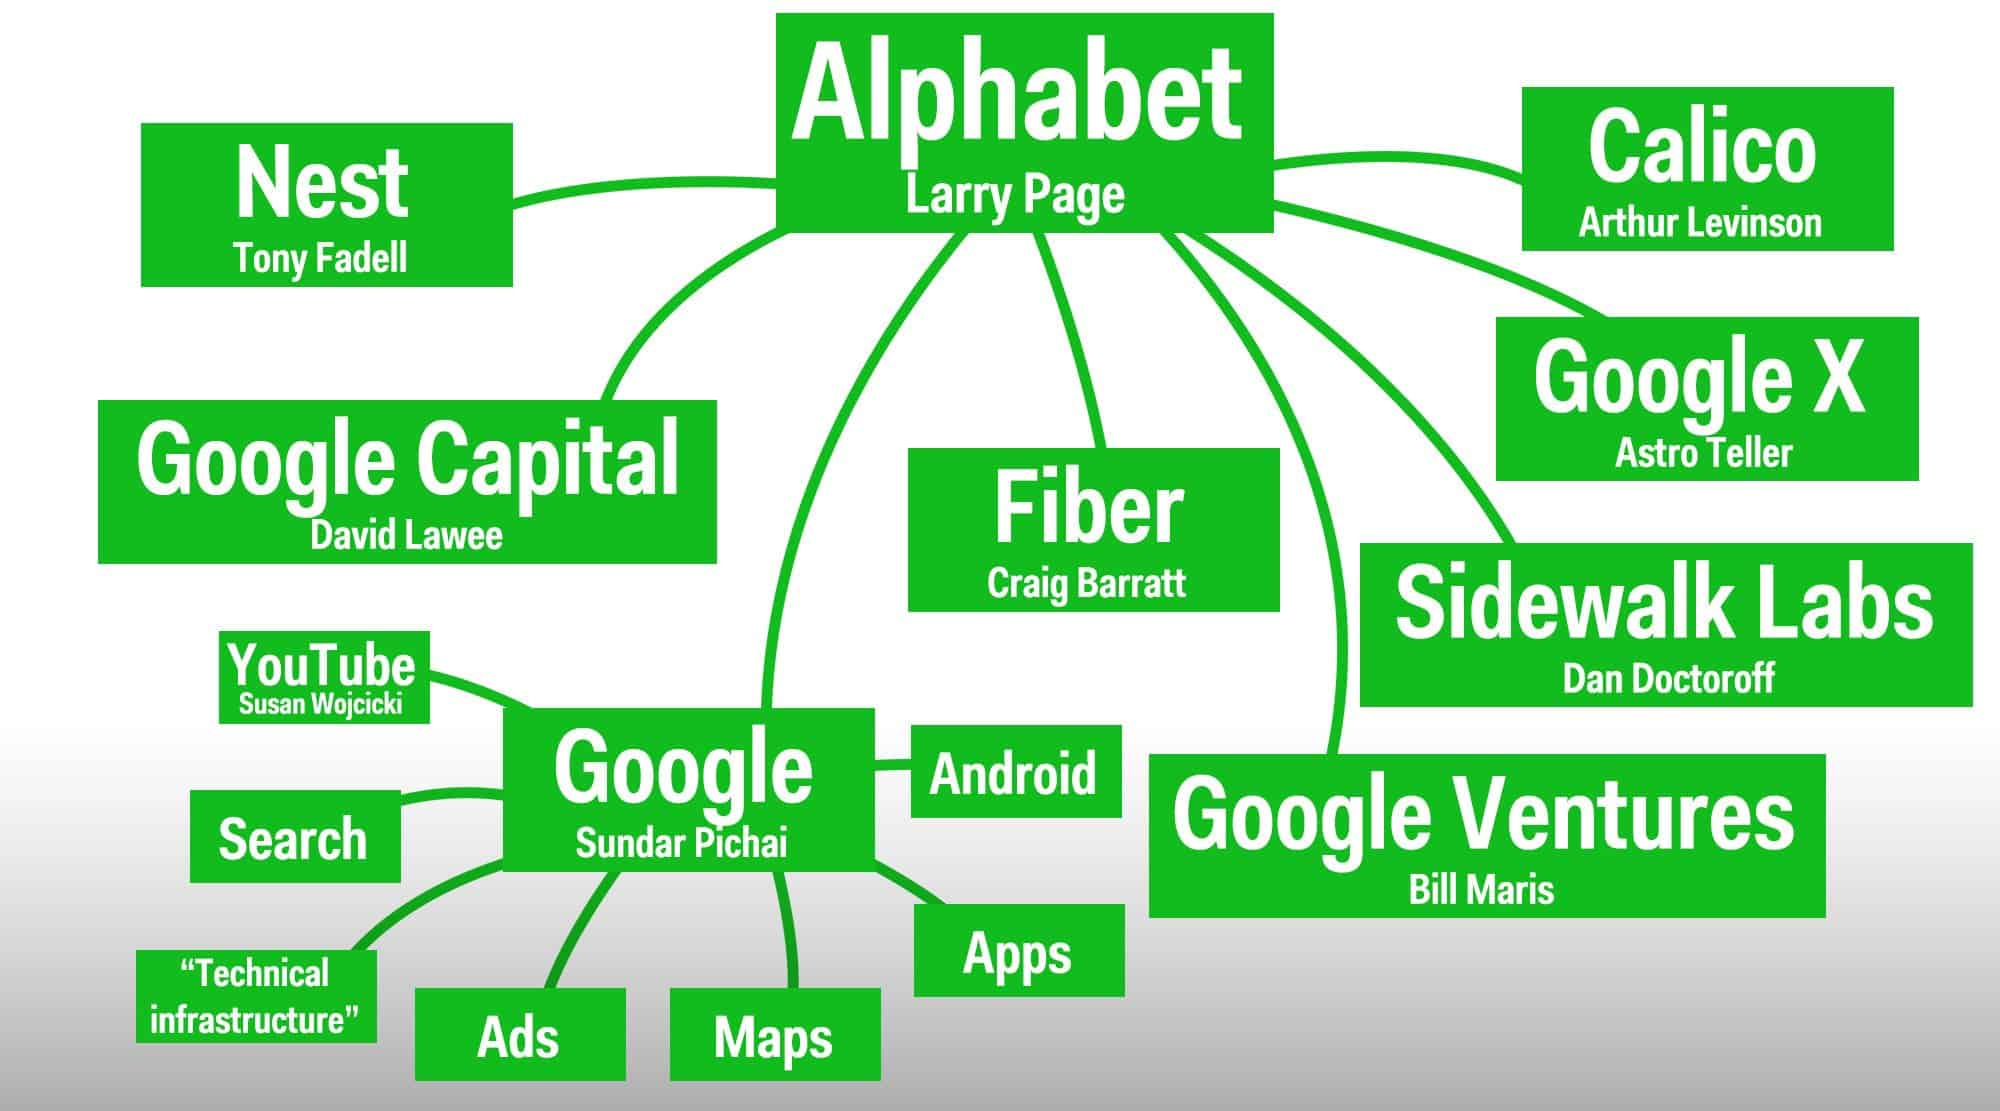 A Google részvényeim mostantól Alphabet névre fognak hallgatni